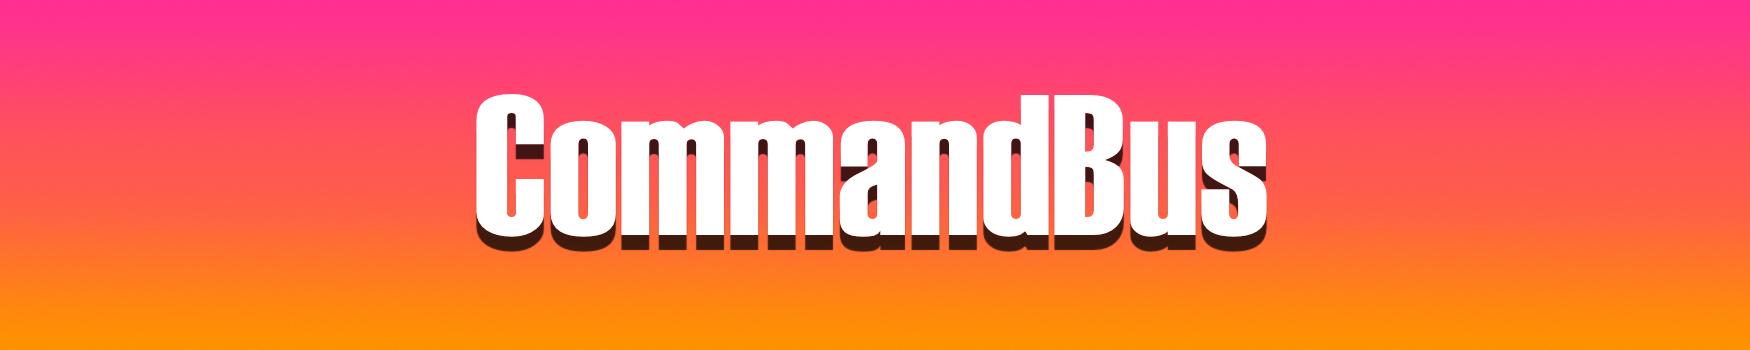 CommandBus screenshot